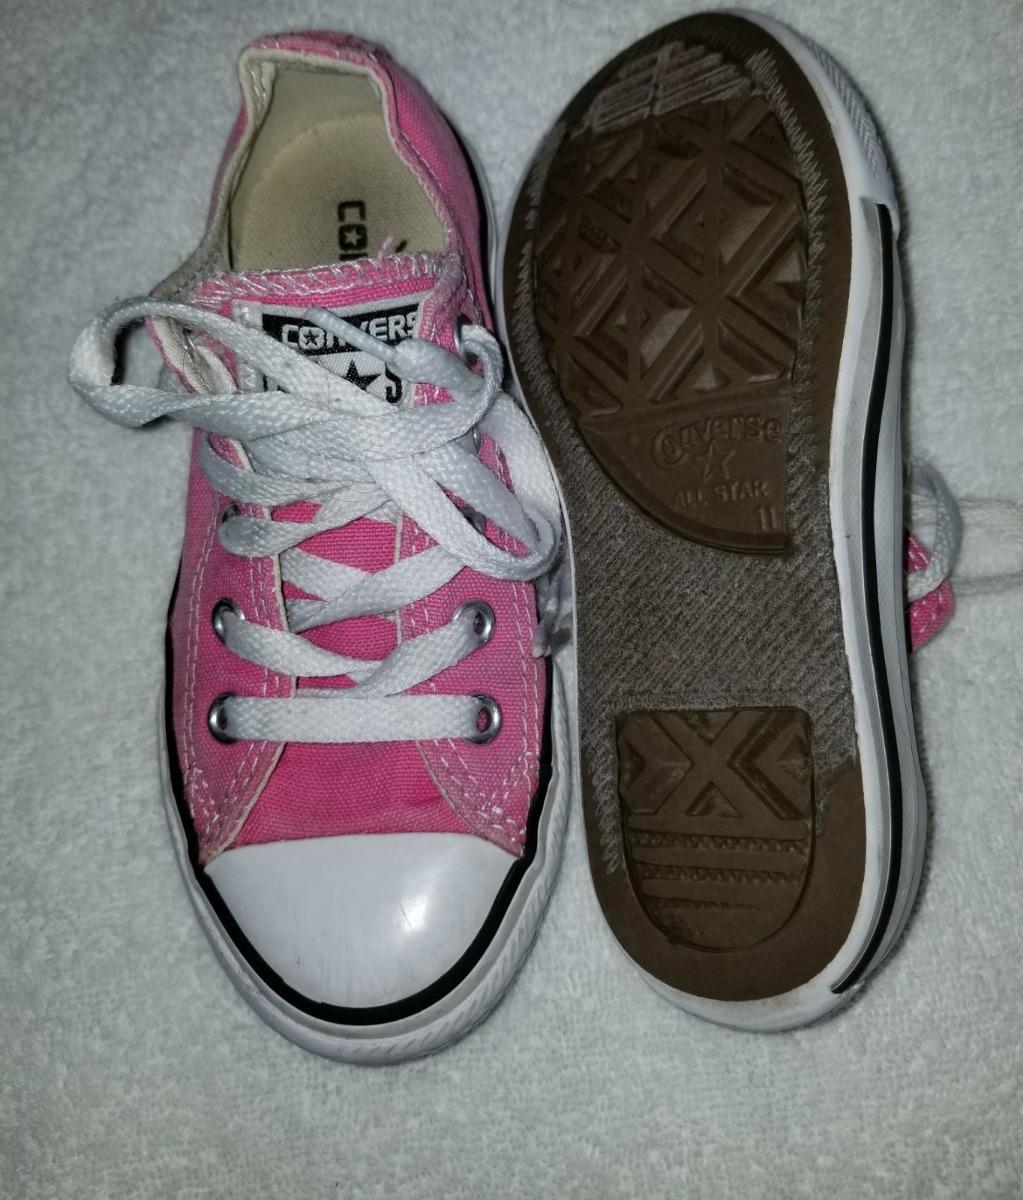 Y 00 Niñasusados Zapatos Niños Converse Para Originales Bs 125 xSwIwzqH